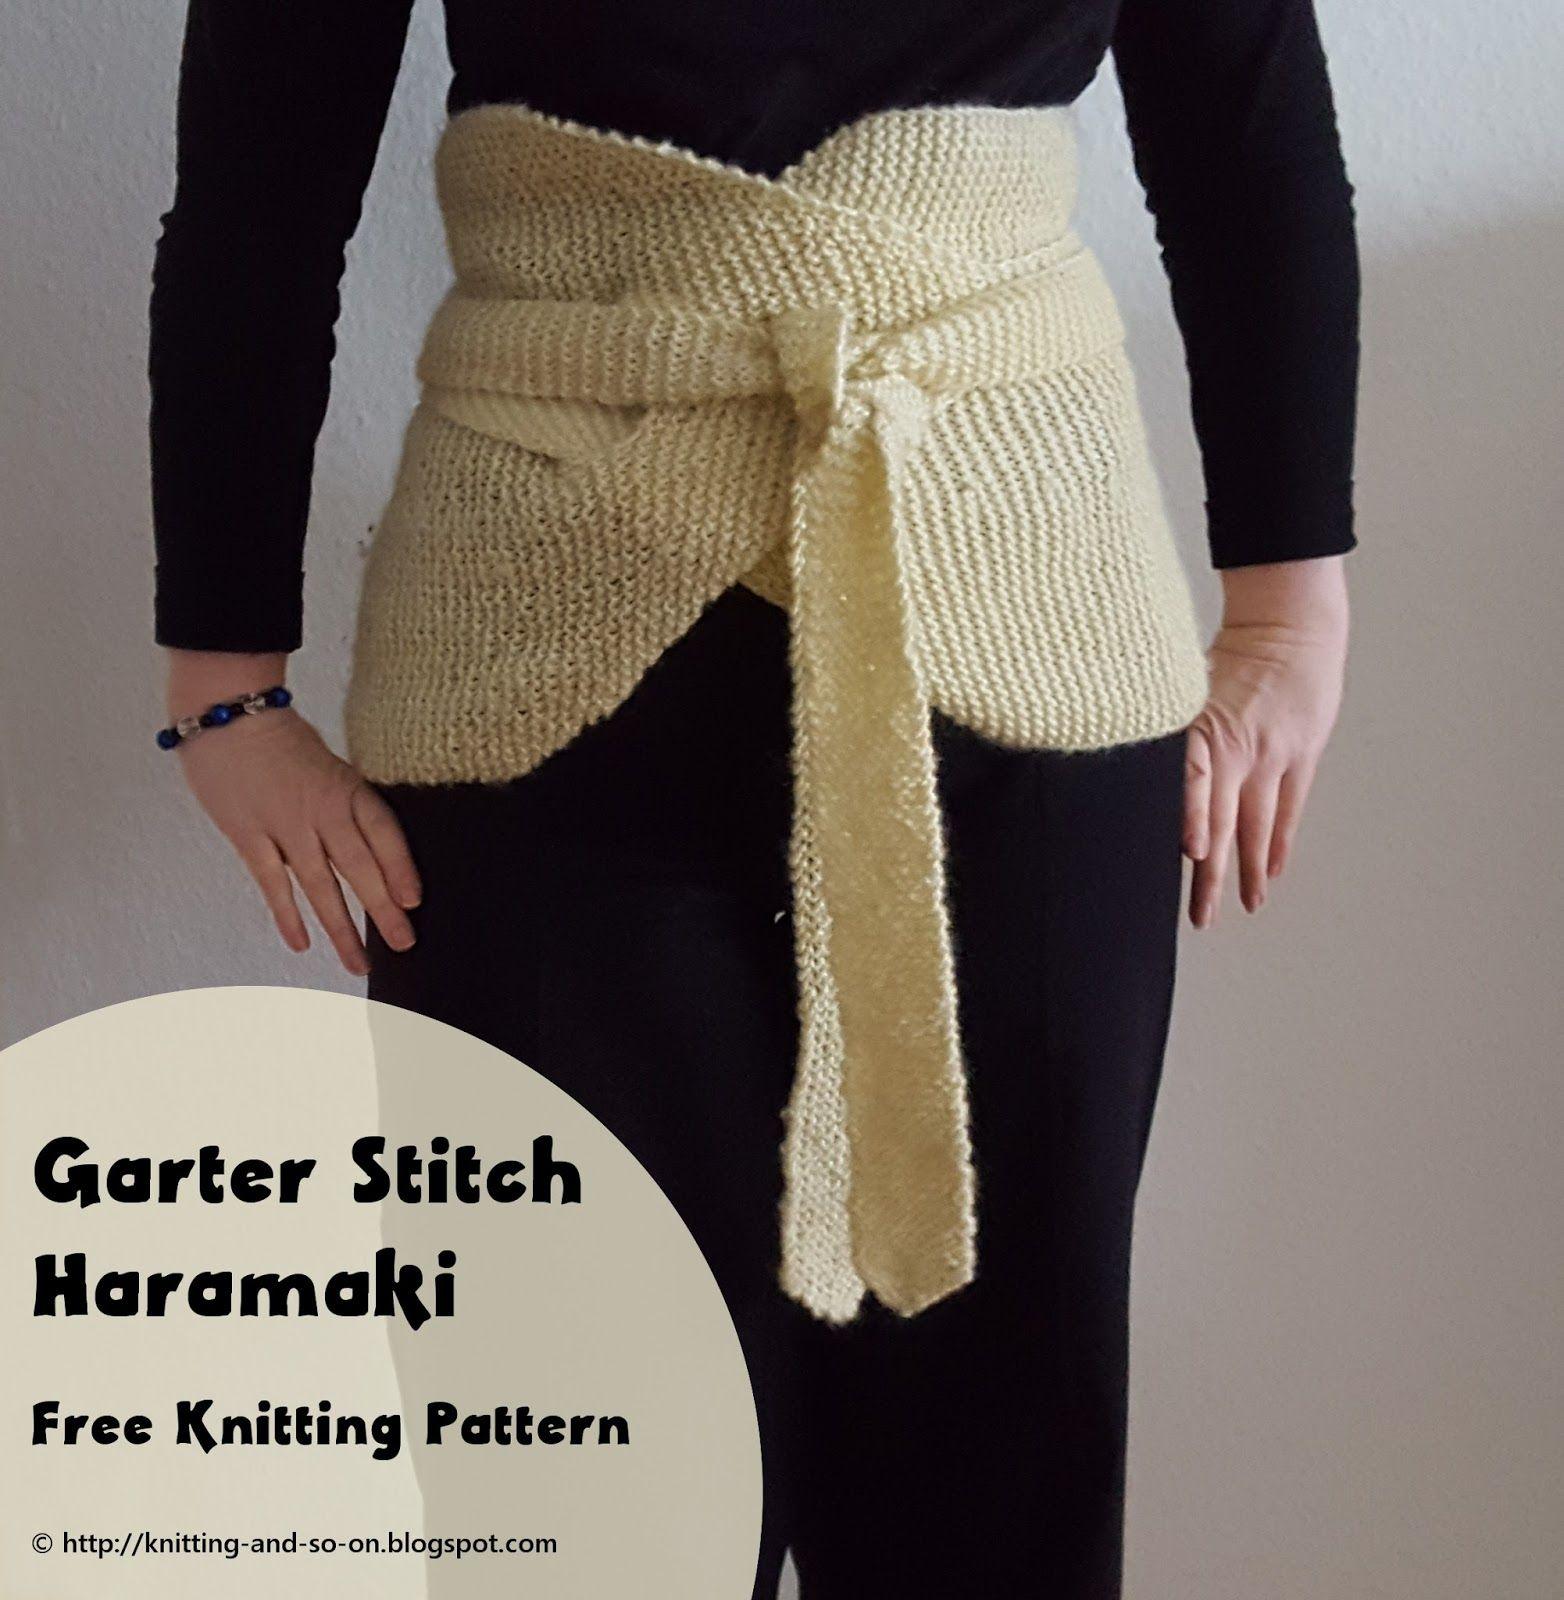 Garter Stitch Haramaki - Free Knitting Pattern by Knitting and so on ...